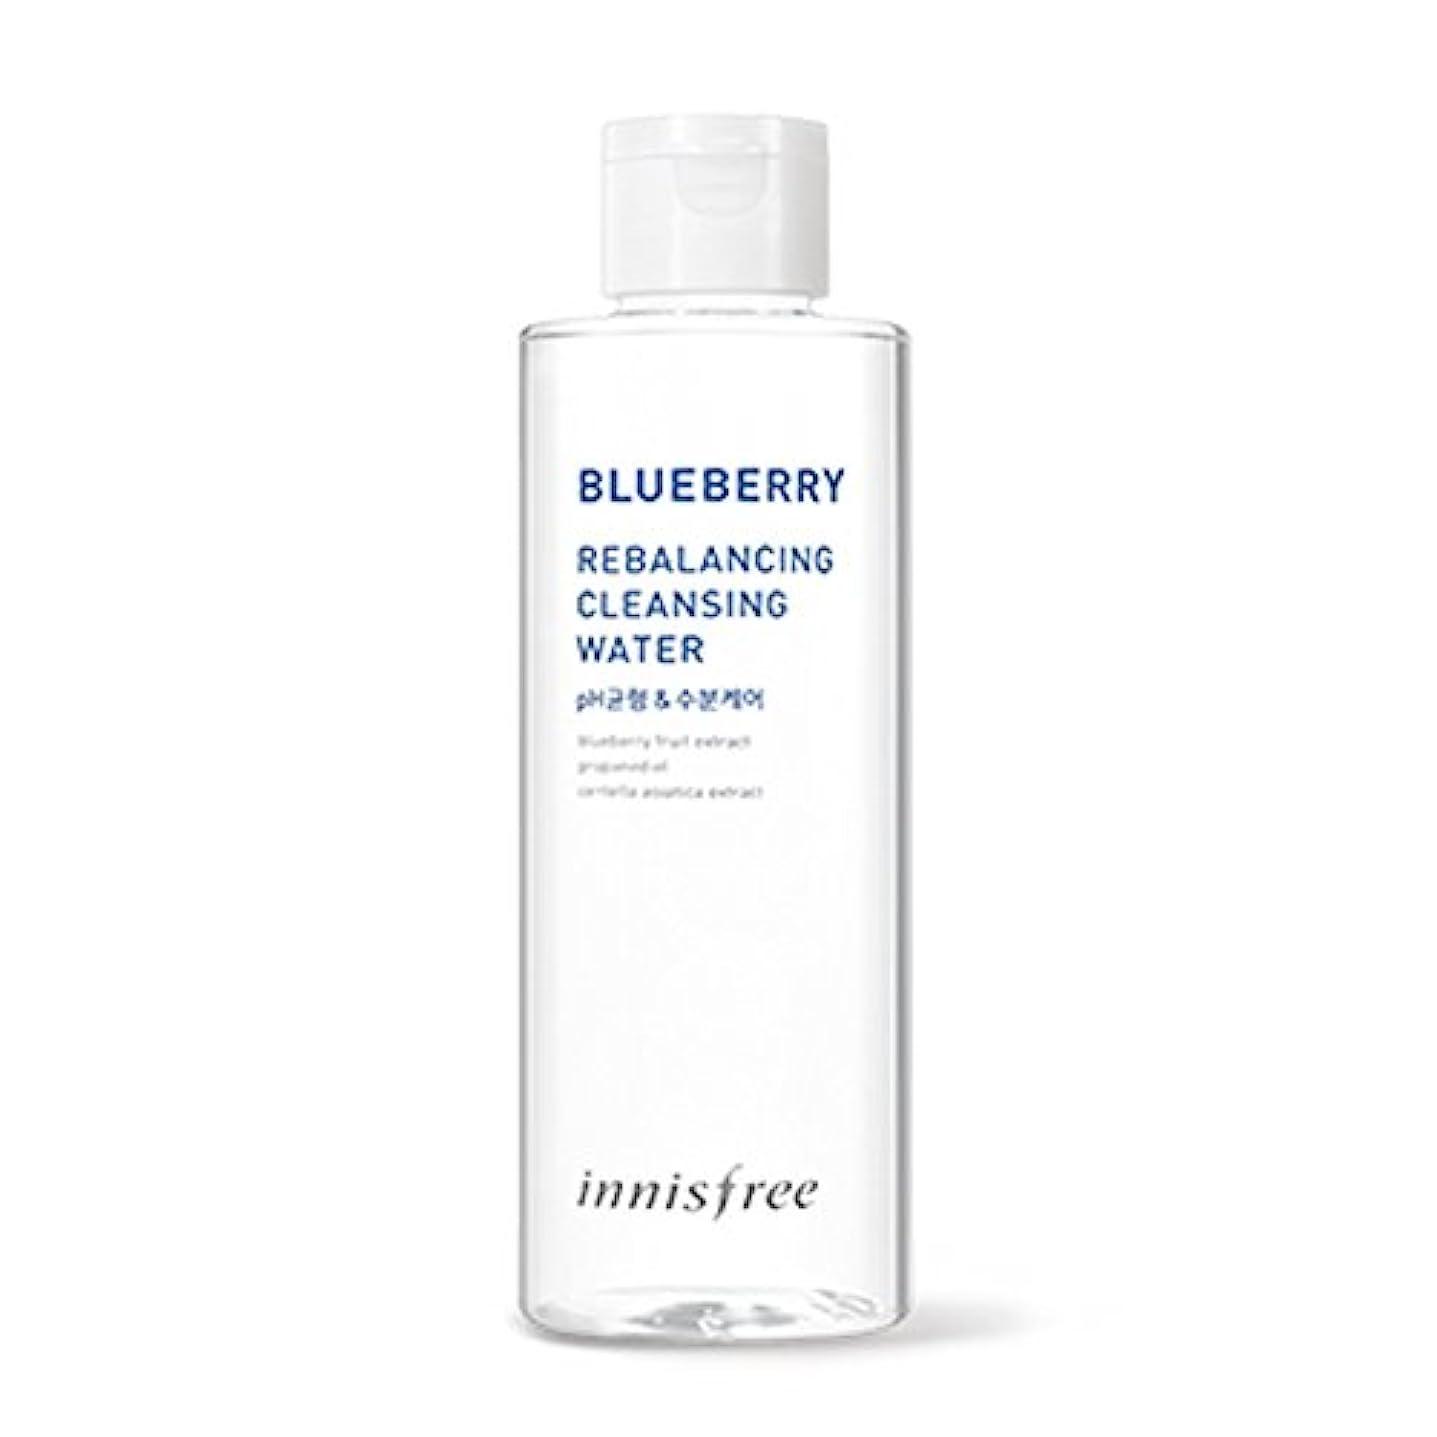 習慣緩める場所イニスフリーブルーベリーリバランシングクレンジングウォーター200ml Innisfree Blueberry Rebalancing Cleansing Water 200ml [海外直送品][並行輸入品]